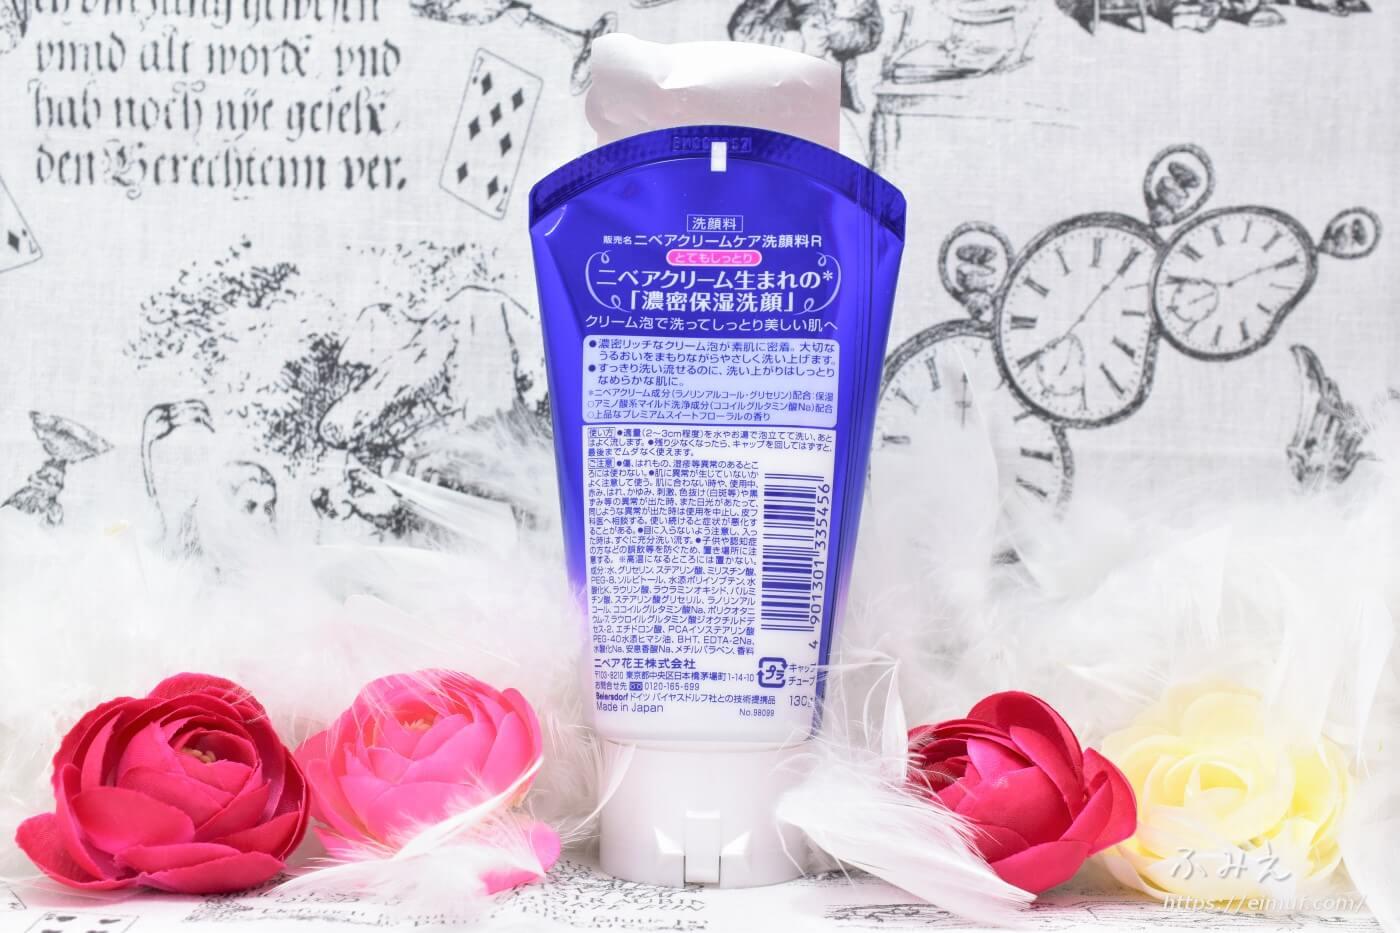 ニベア クリームケア洗顔料(とてもしっとり)本体ボトル裏面